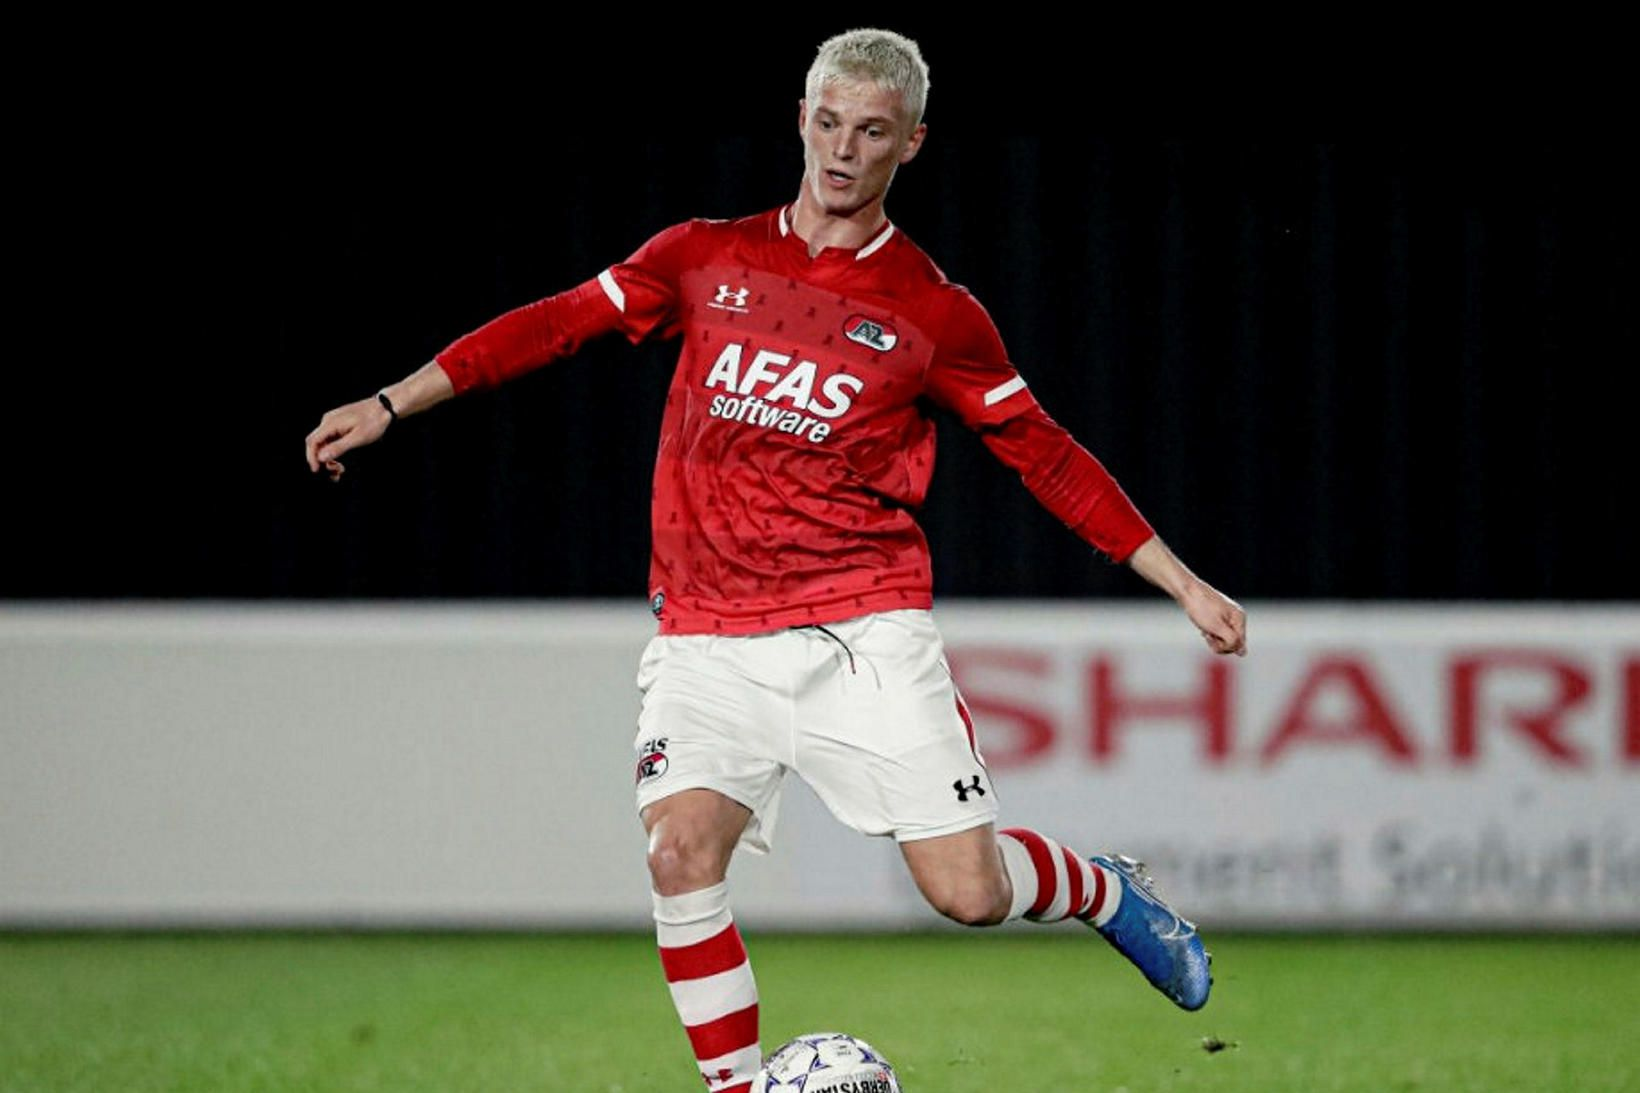 Albert Guðmundsson leikur með AZ Alkmaar.